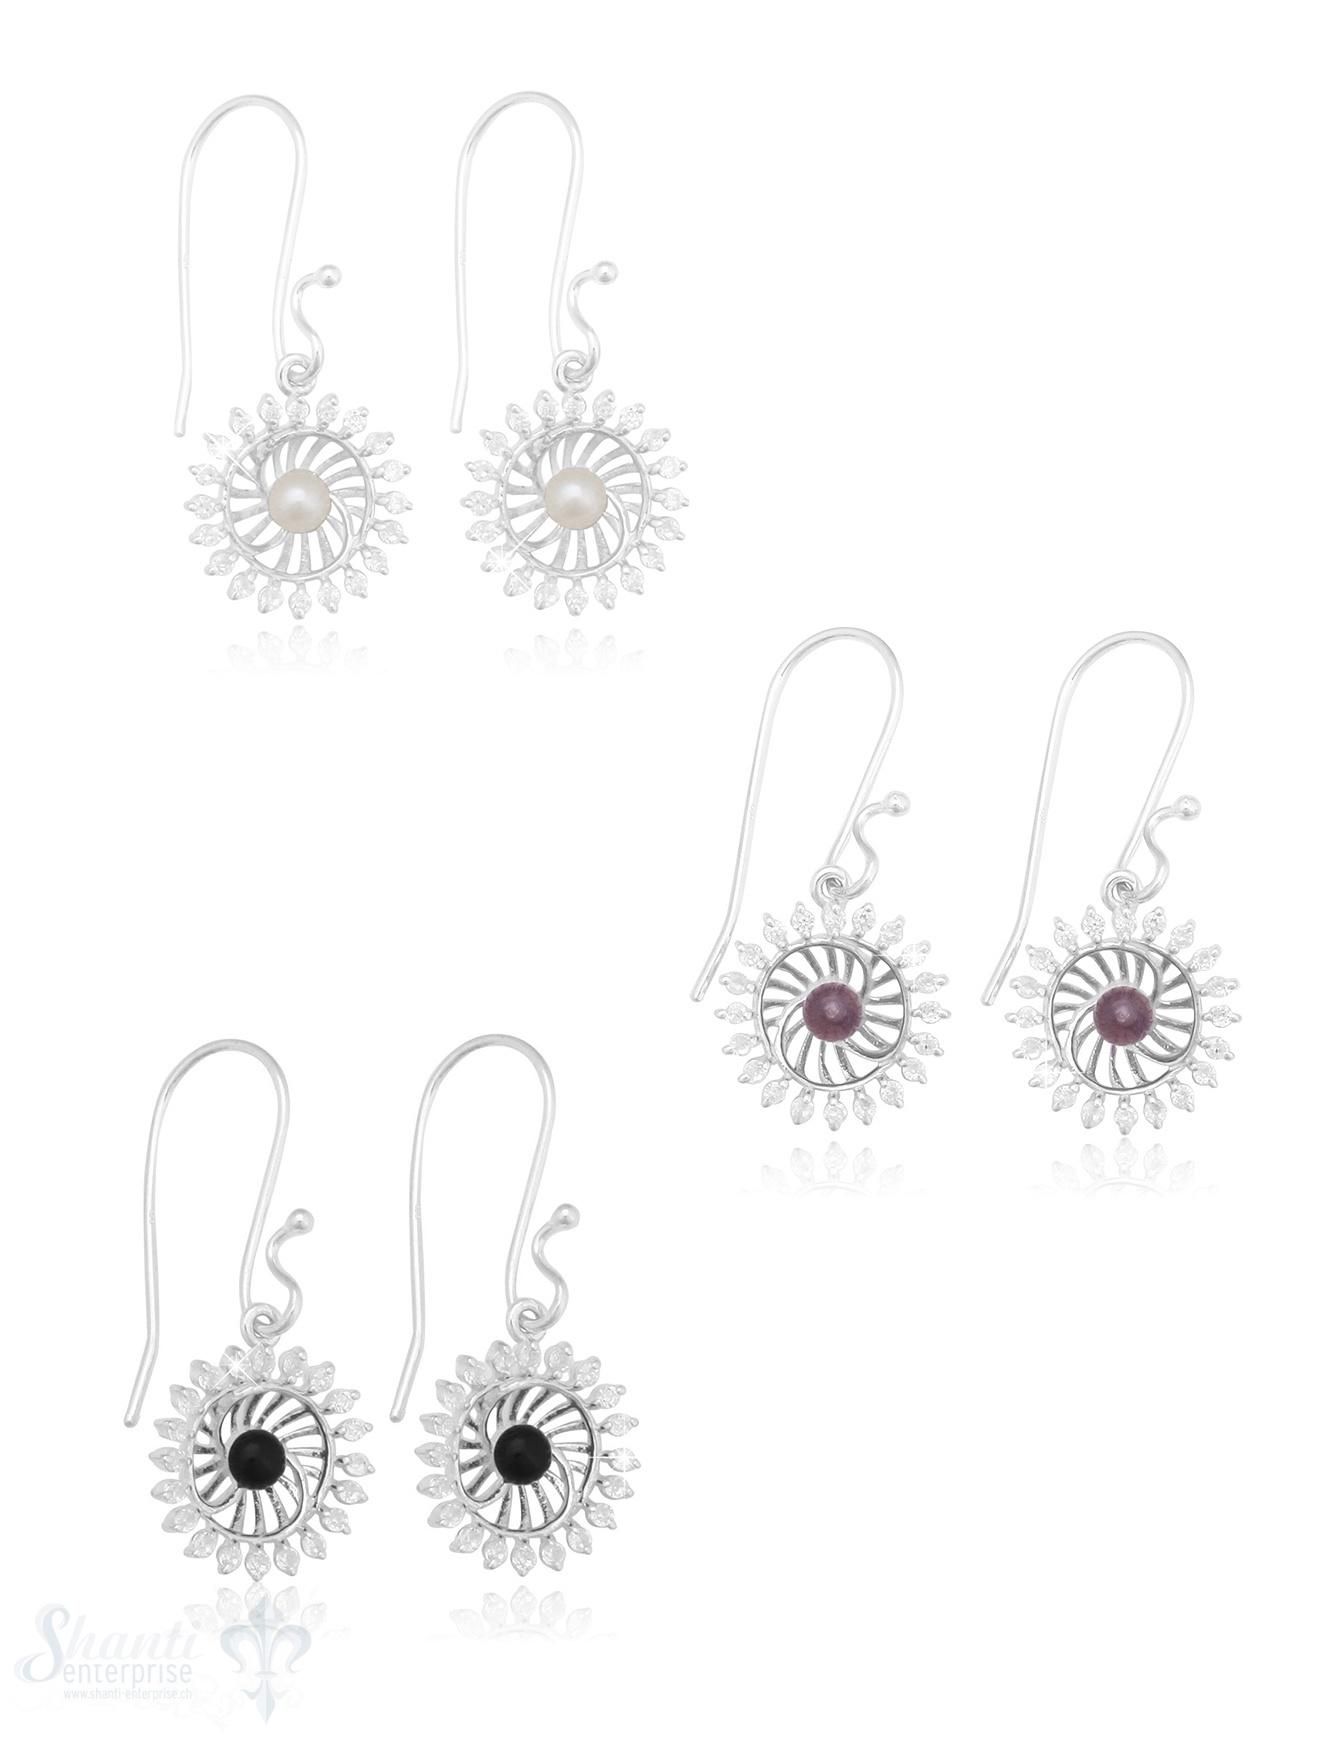 Ohrhänger Silber hell 16 mm Sonne mit Zirkonia durchbrochen mit Bügel